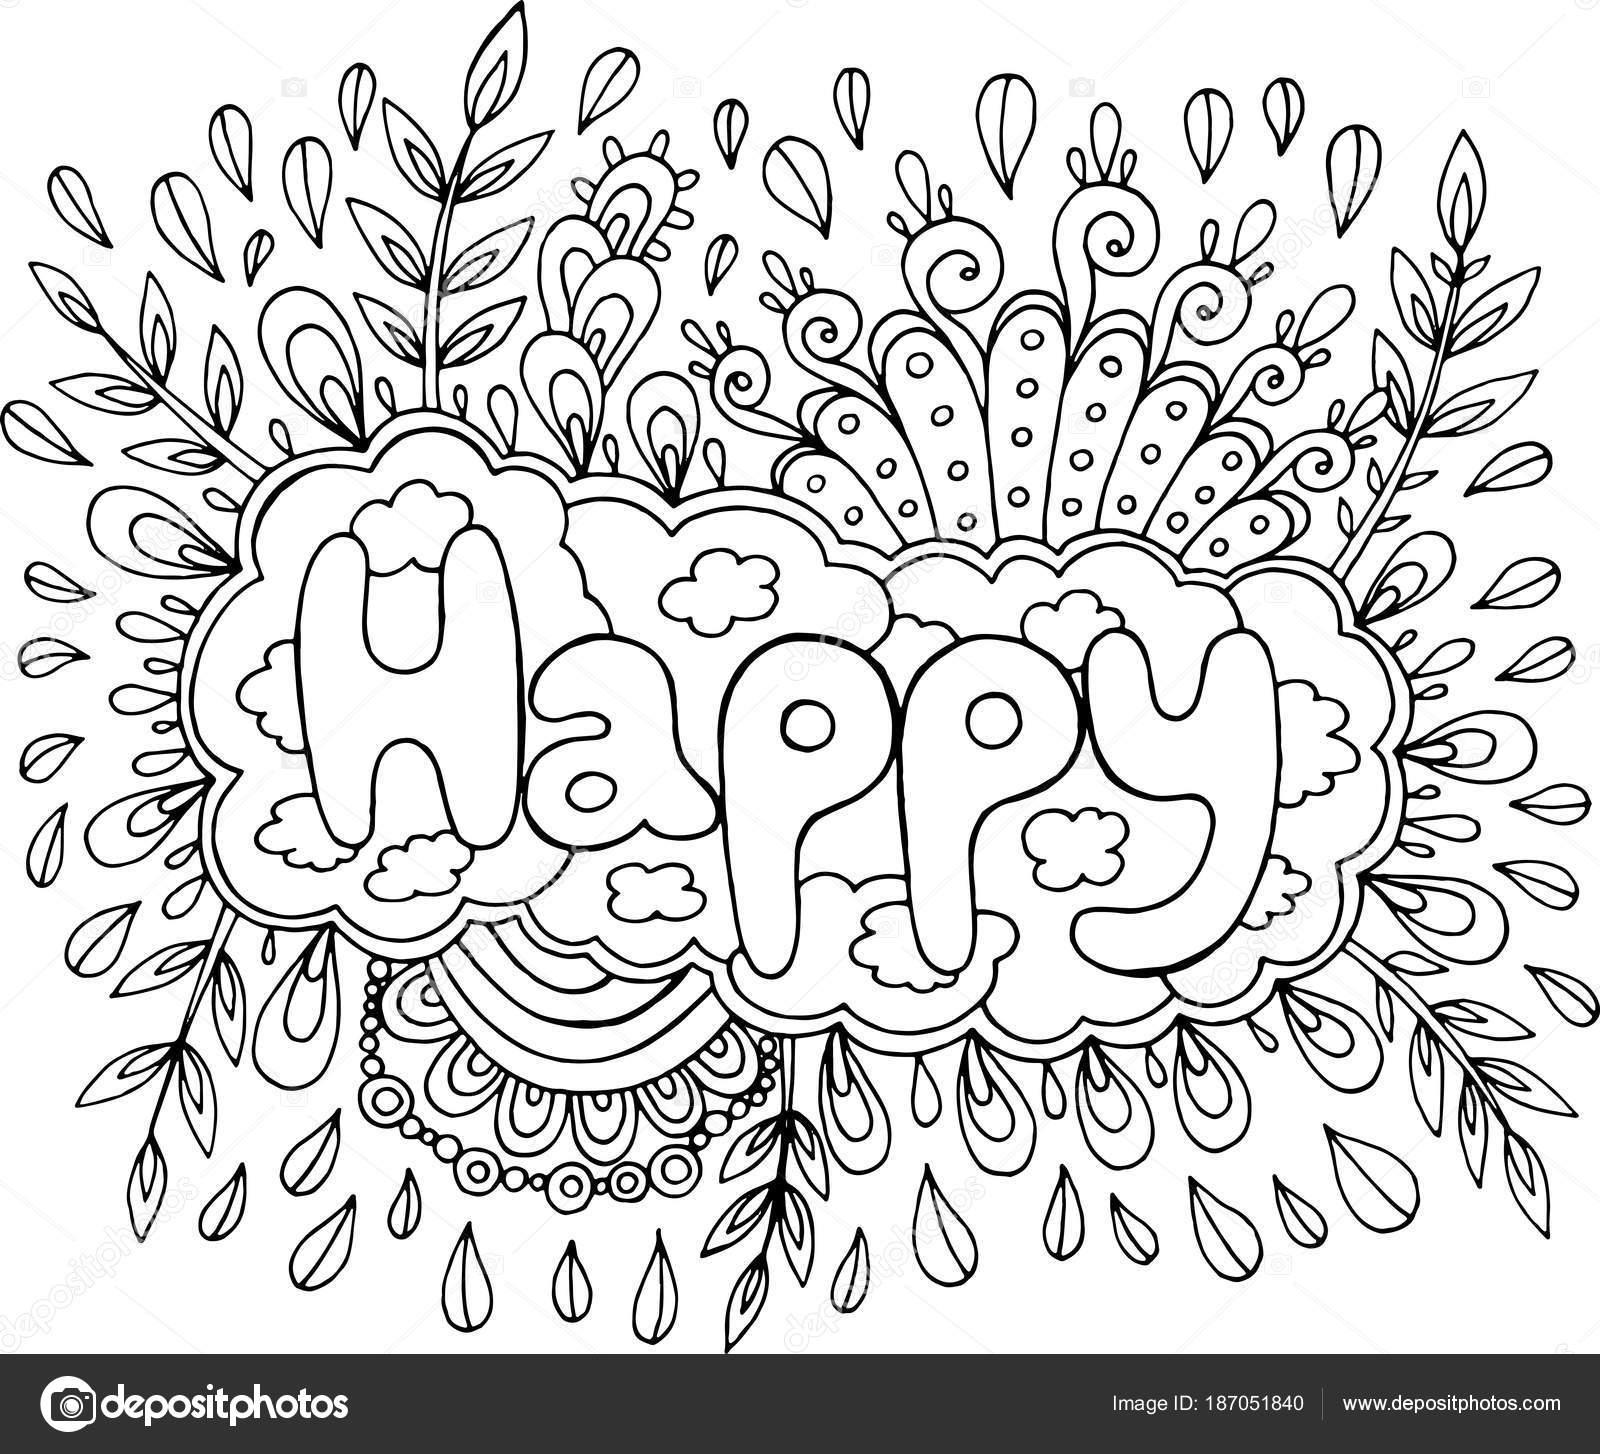 kleurplaat voor volwassenen met mandala en gelukkig word